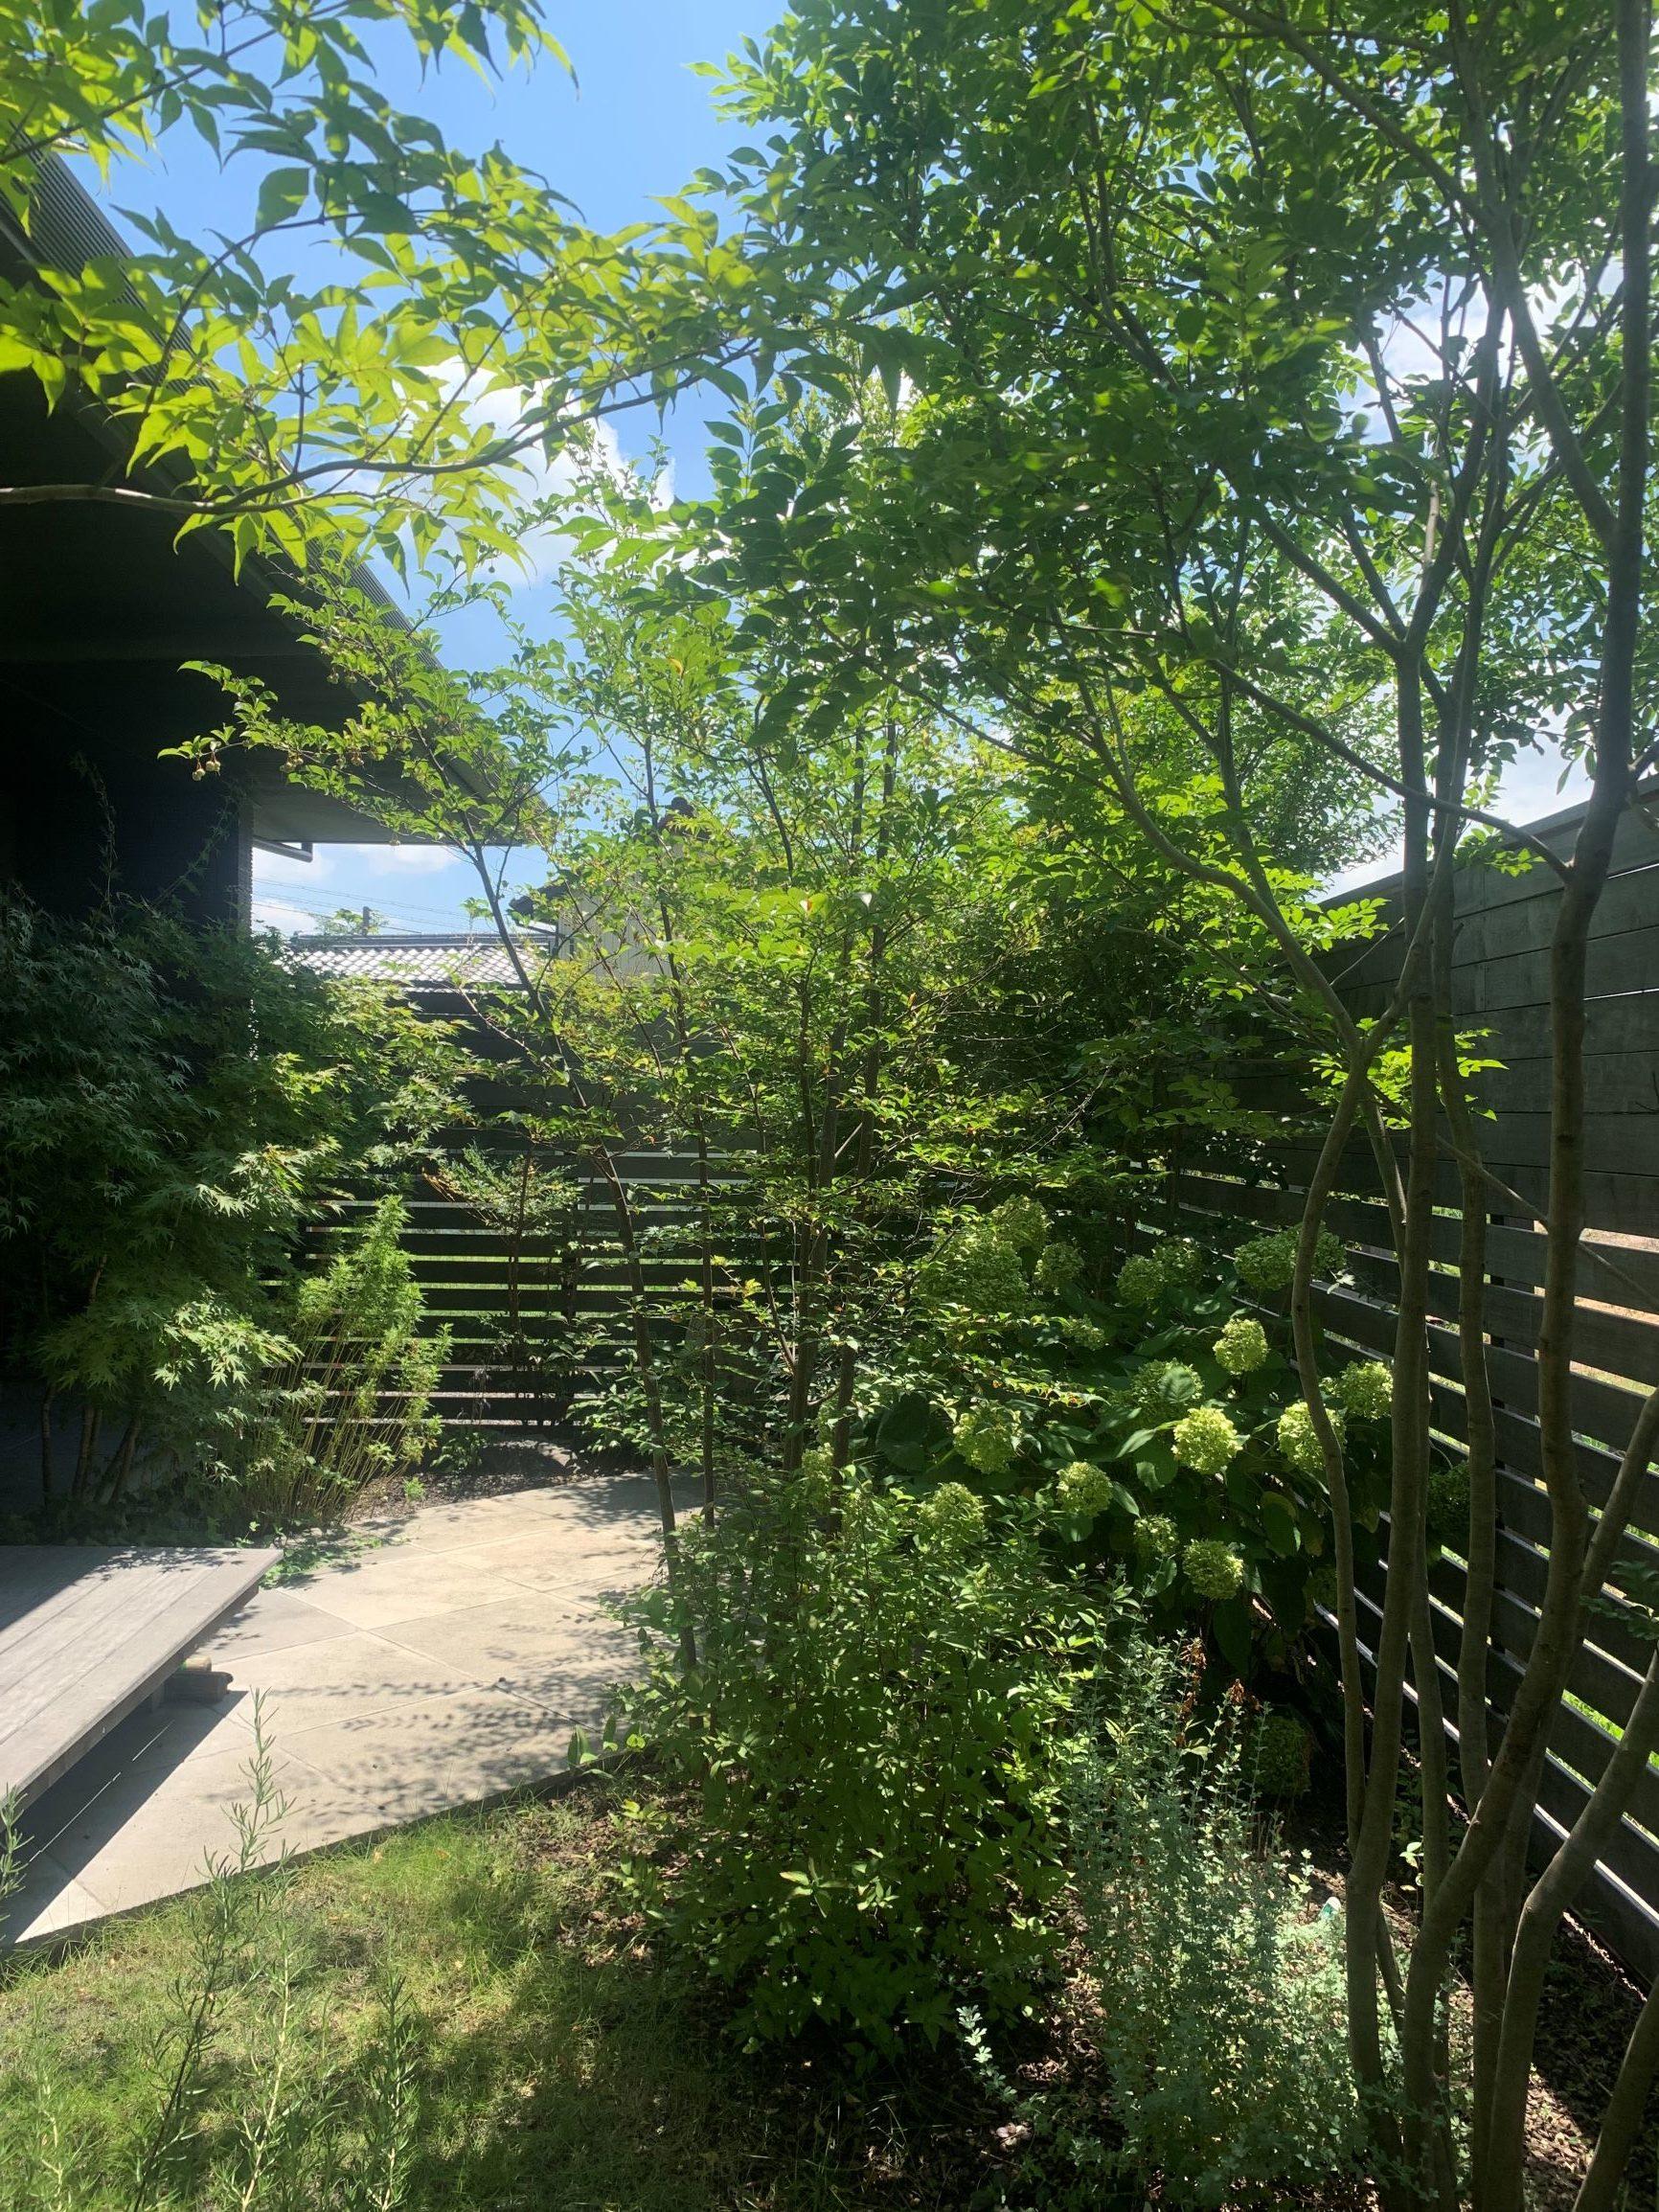 愛西木陰の庭。夏場は別荘にいる感覚で楽しむ。のイメージ